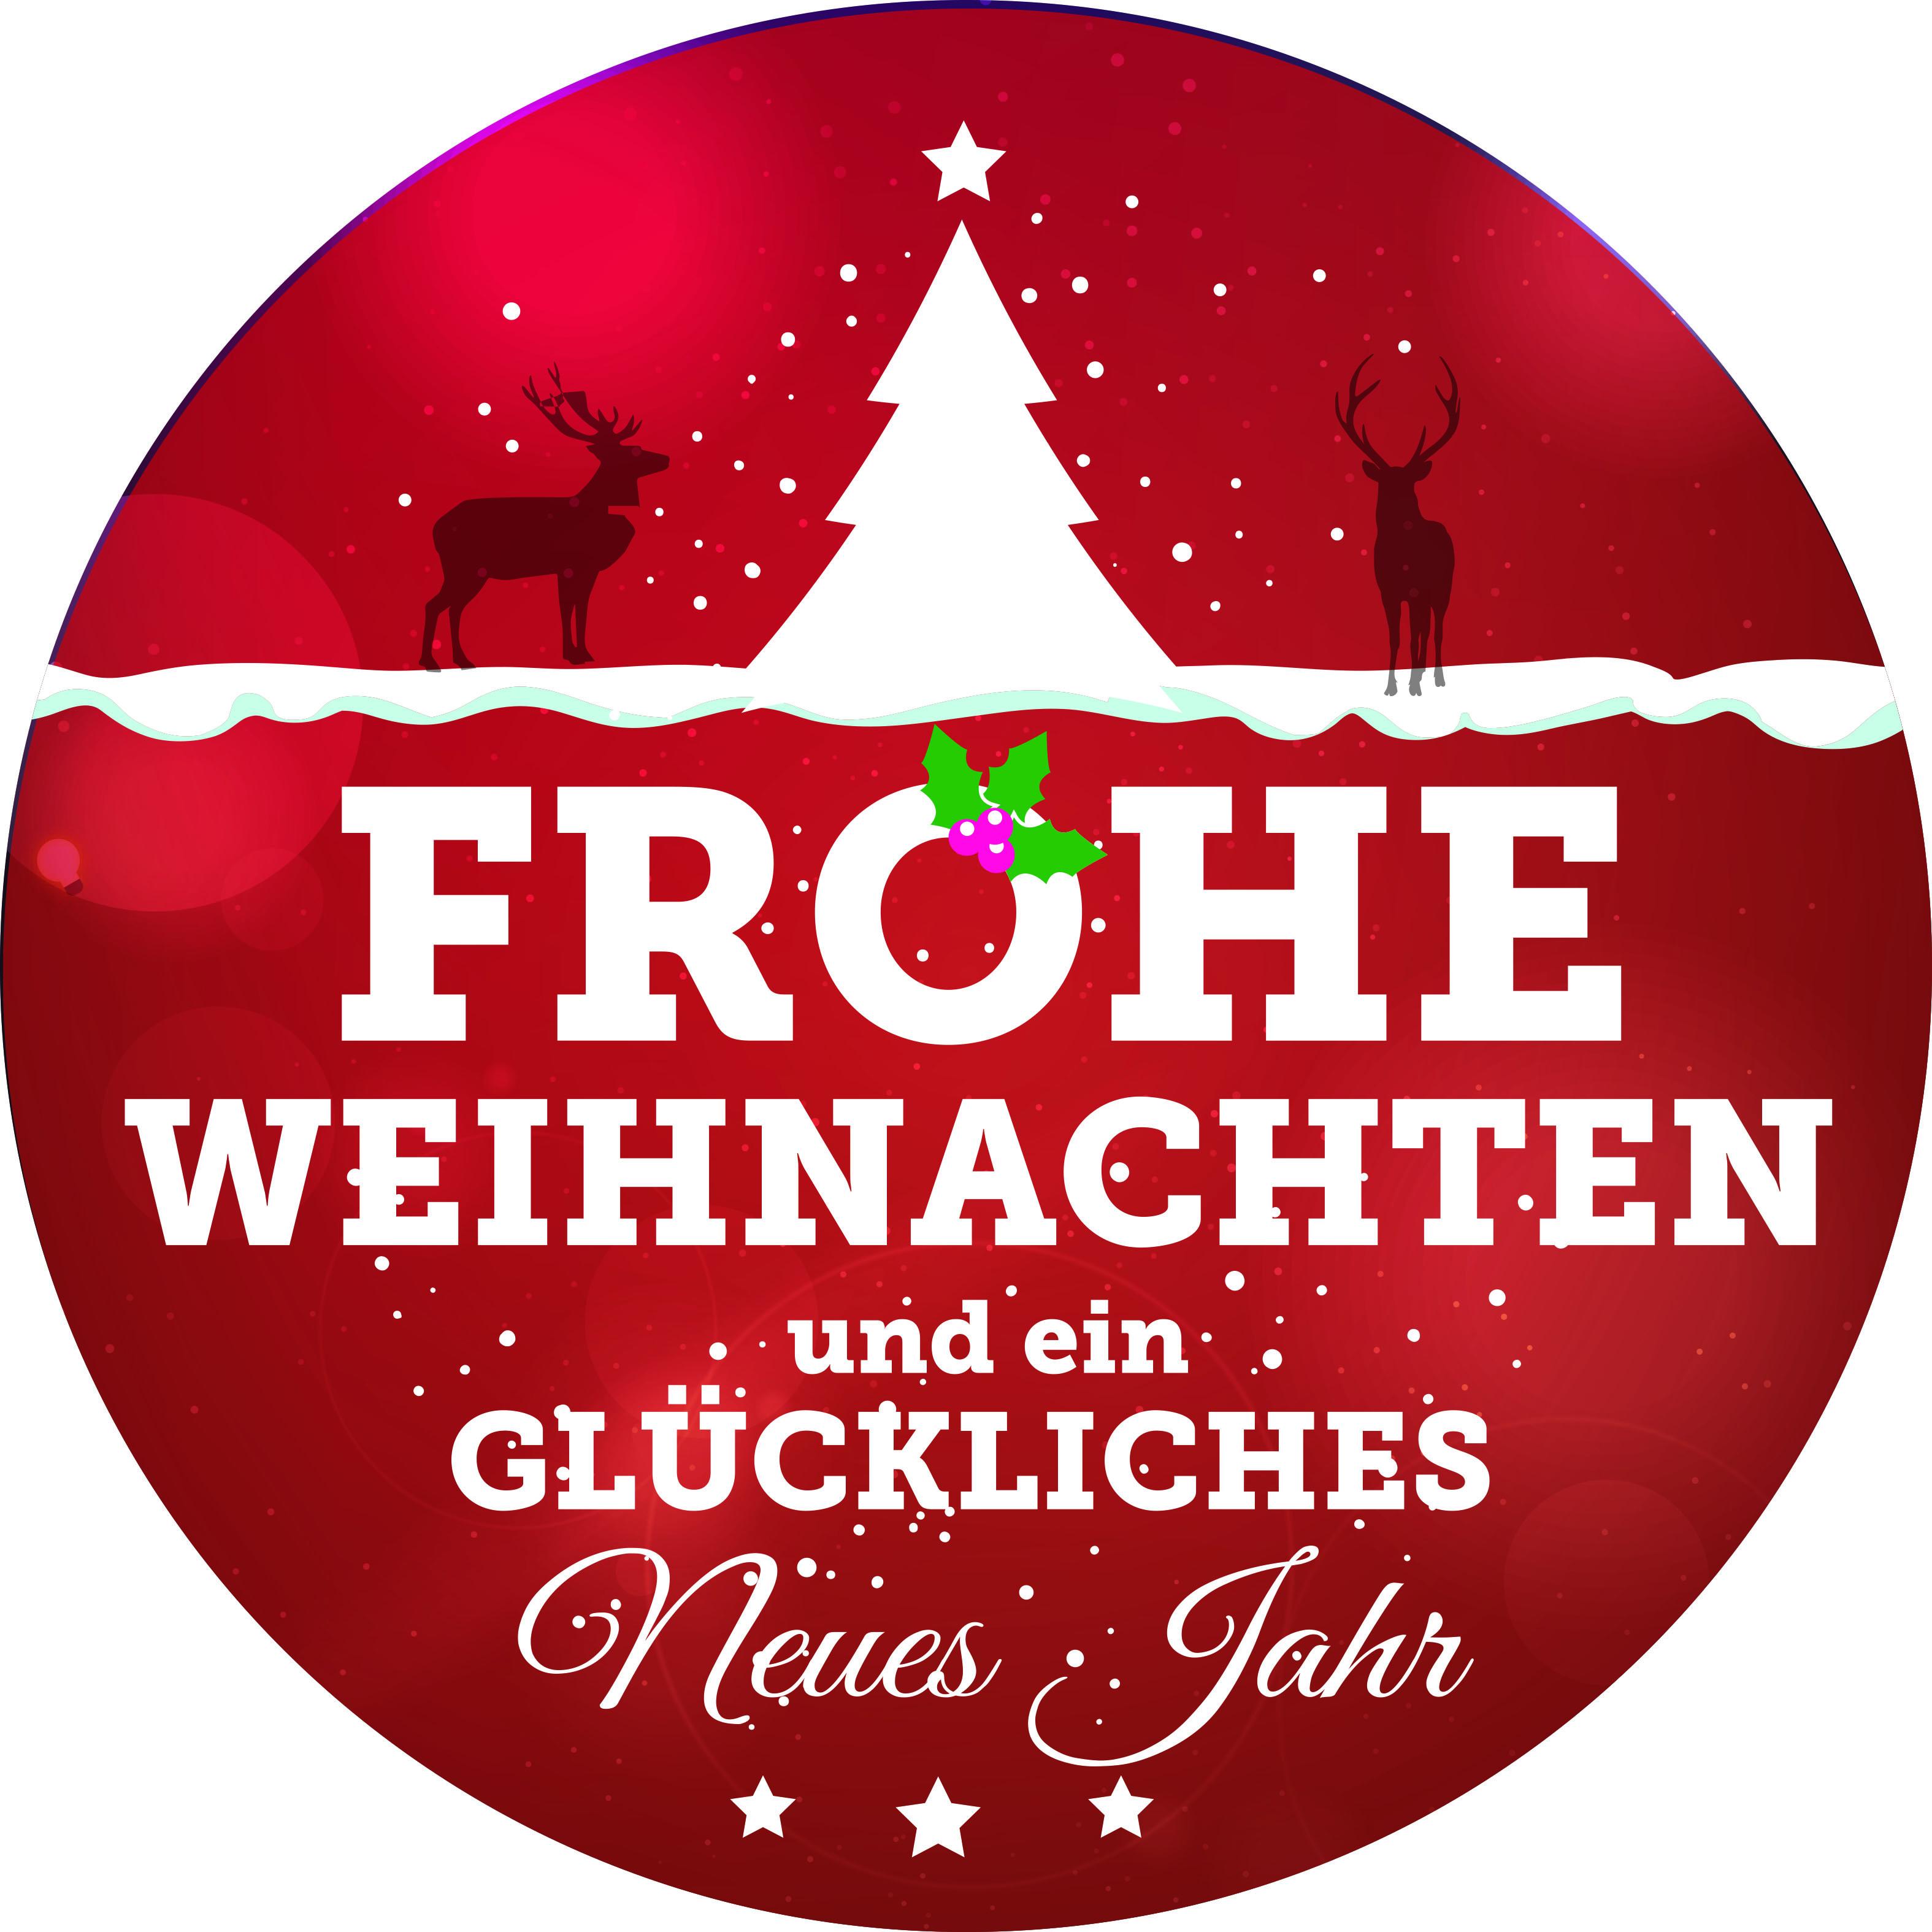 Frohe Weihnachten Etiketten.Weihnachtsaufkleber Etiketten Aufkleber Sticker Weihnachten Glän